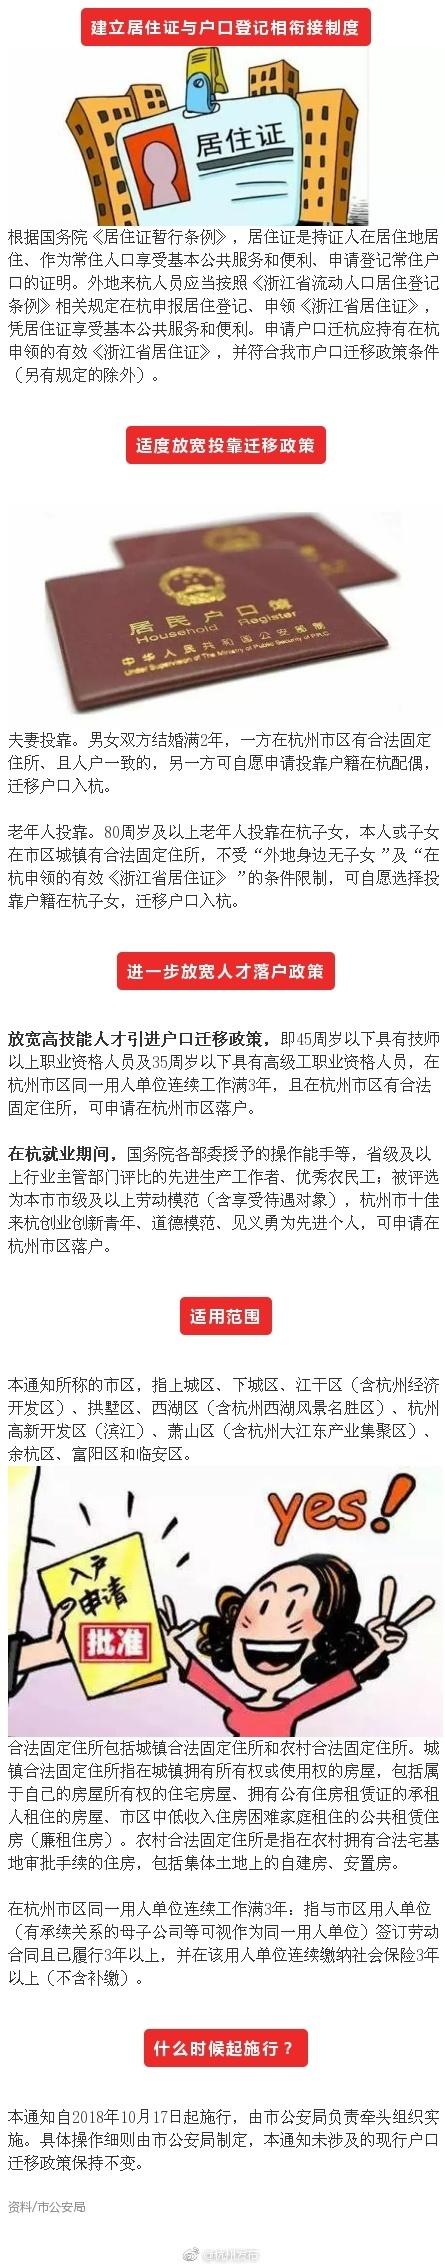 杭州落户政策将调整:两类投靠迁移政策适度放宽